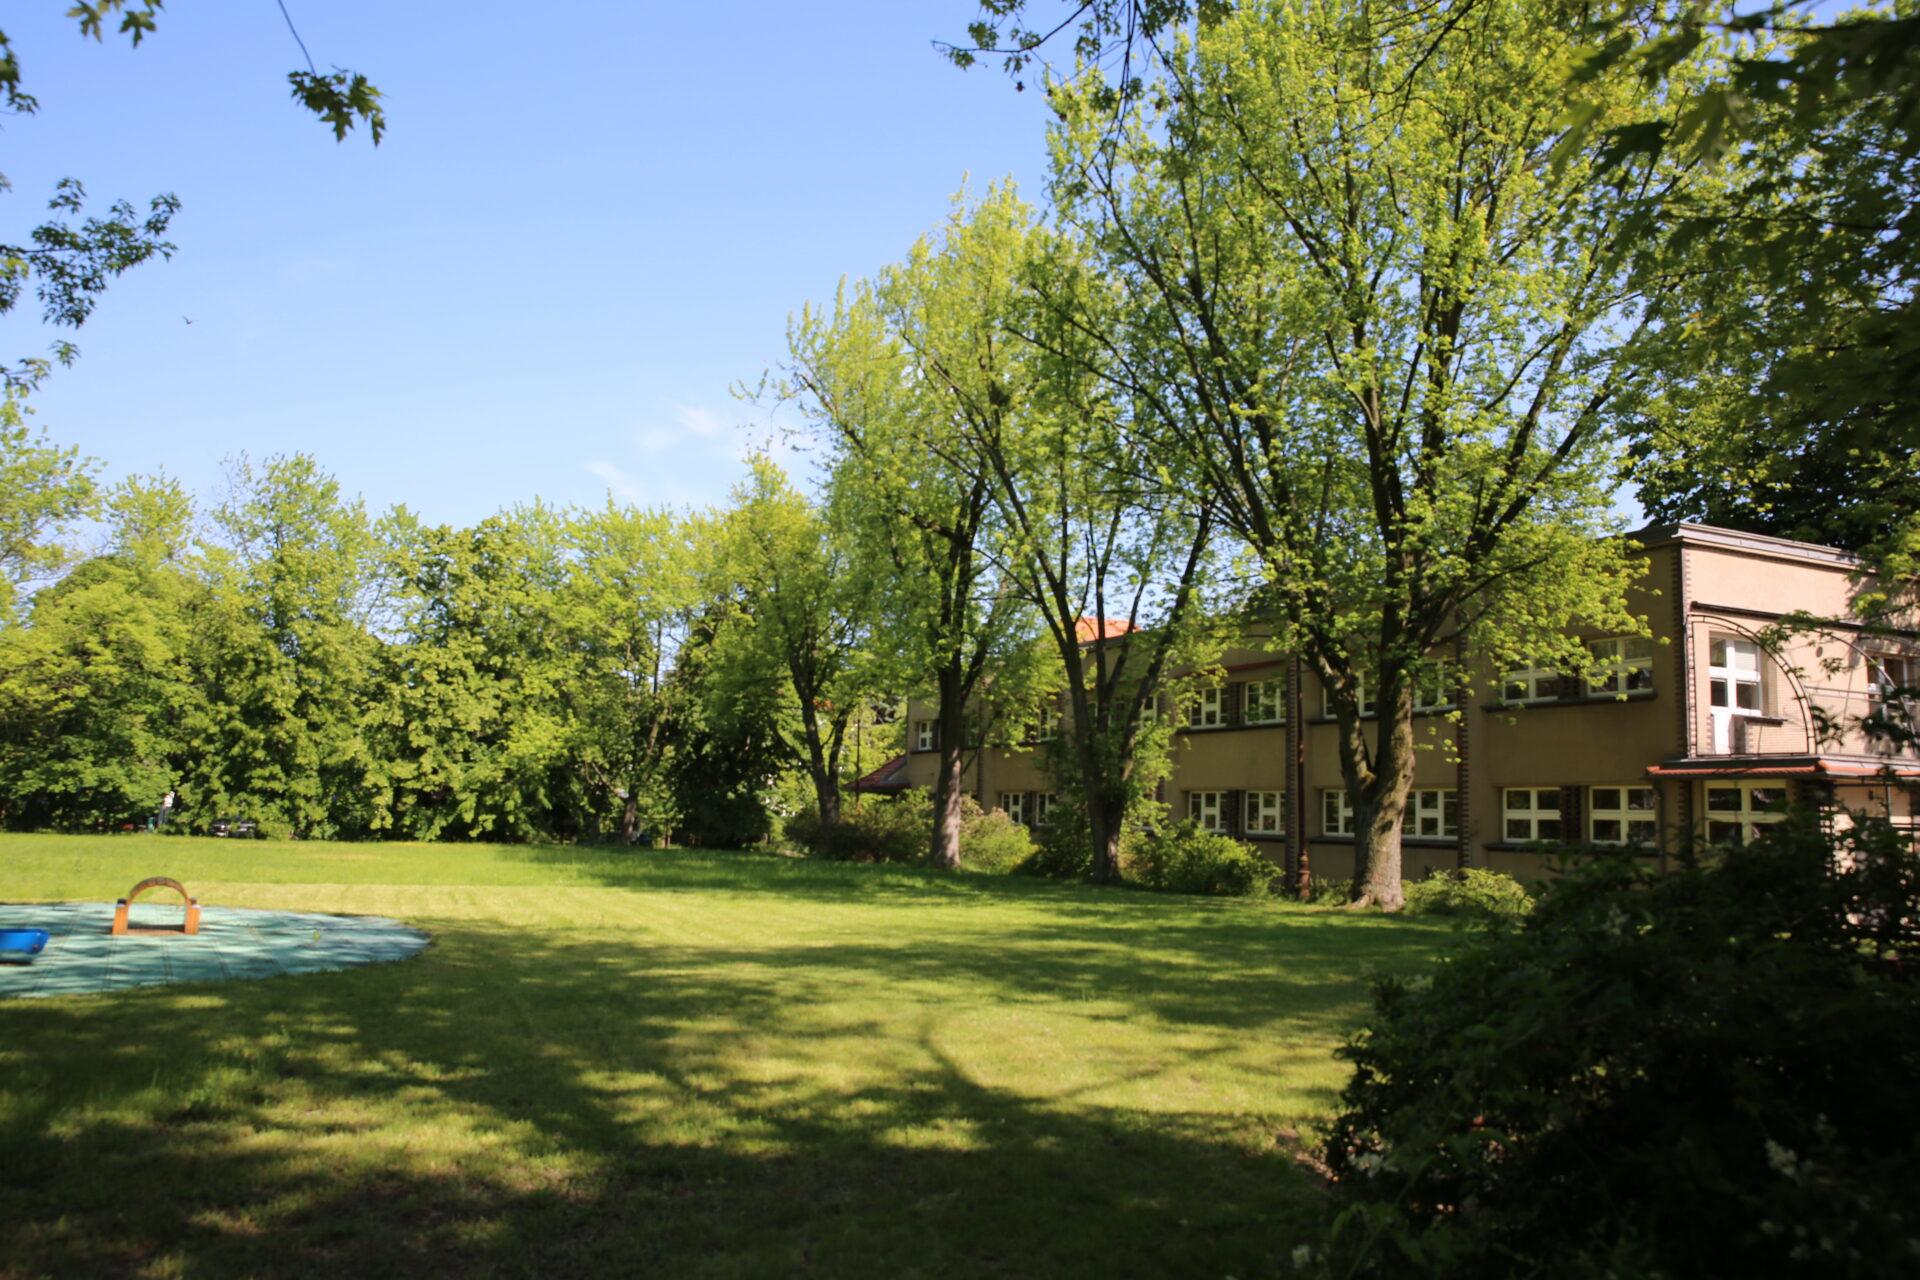 Zdjęcie kolorowe, współczesne. Plac porośnięty trawą, wokół krzaki idrzewa. Poprawej stronie placu dwukondygnacyjny budynek.